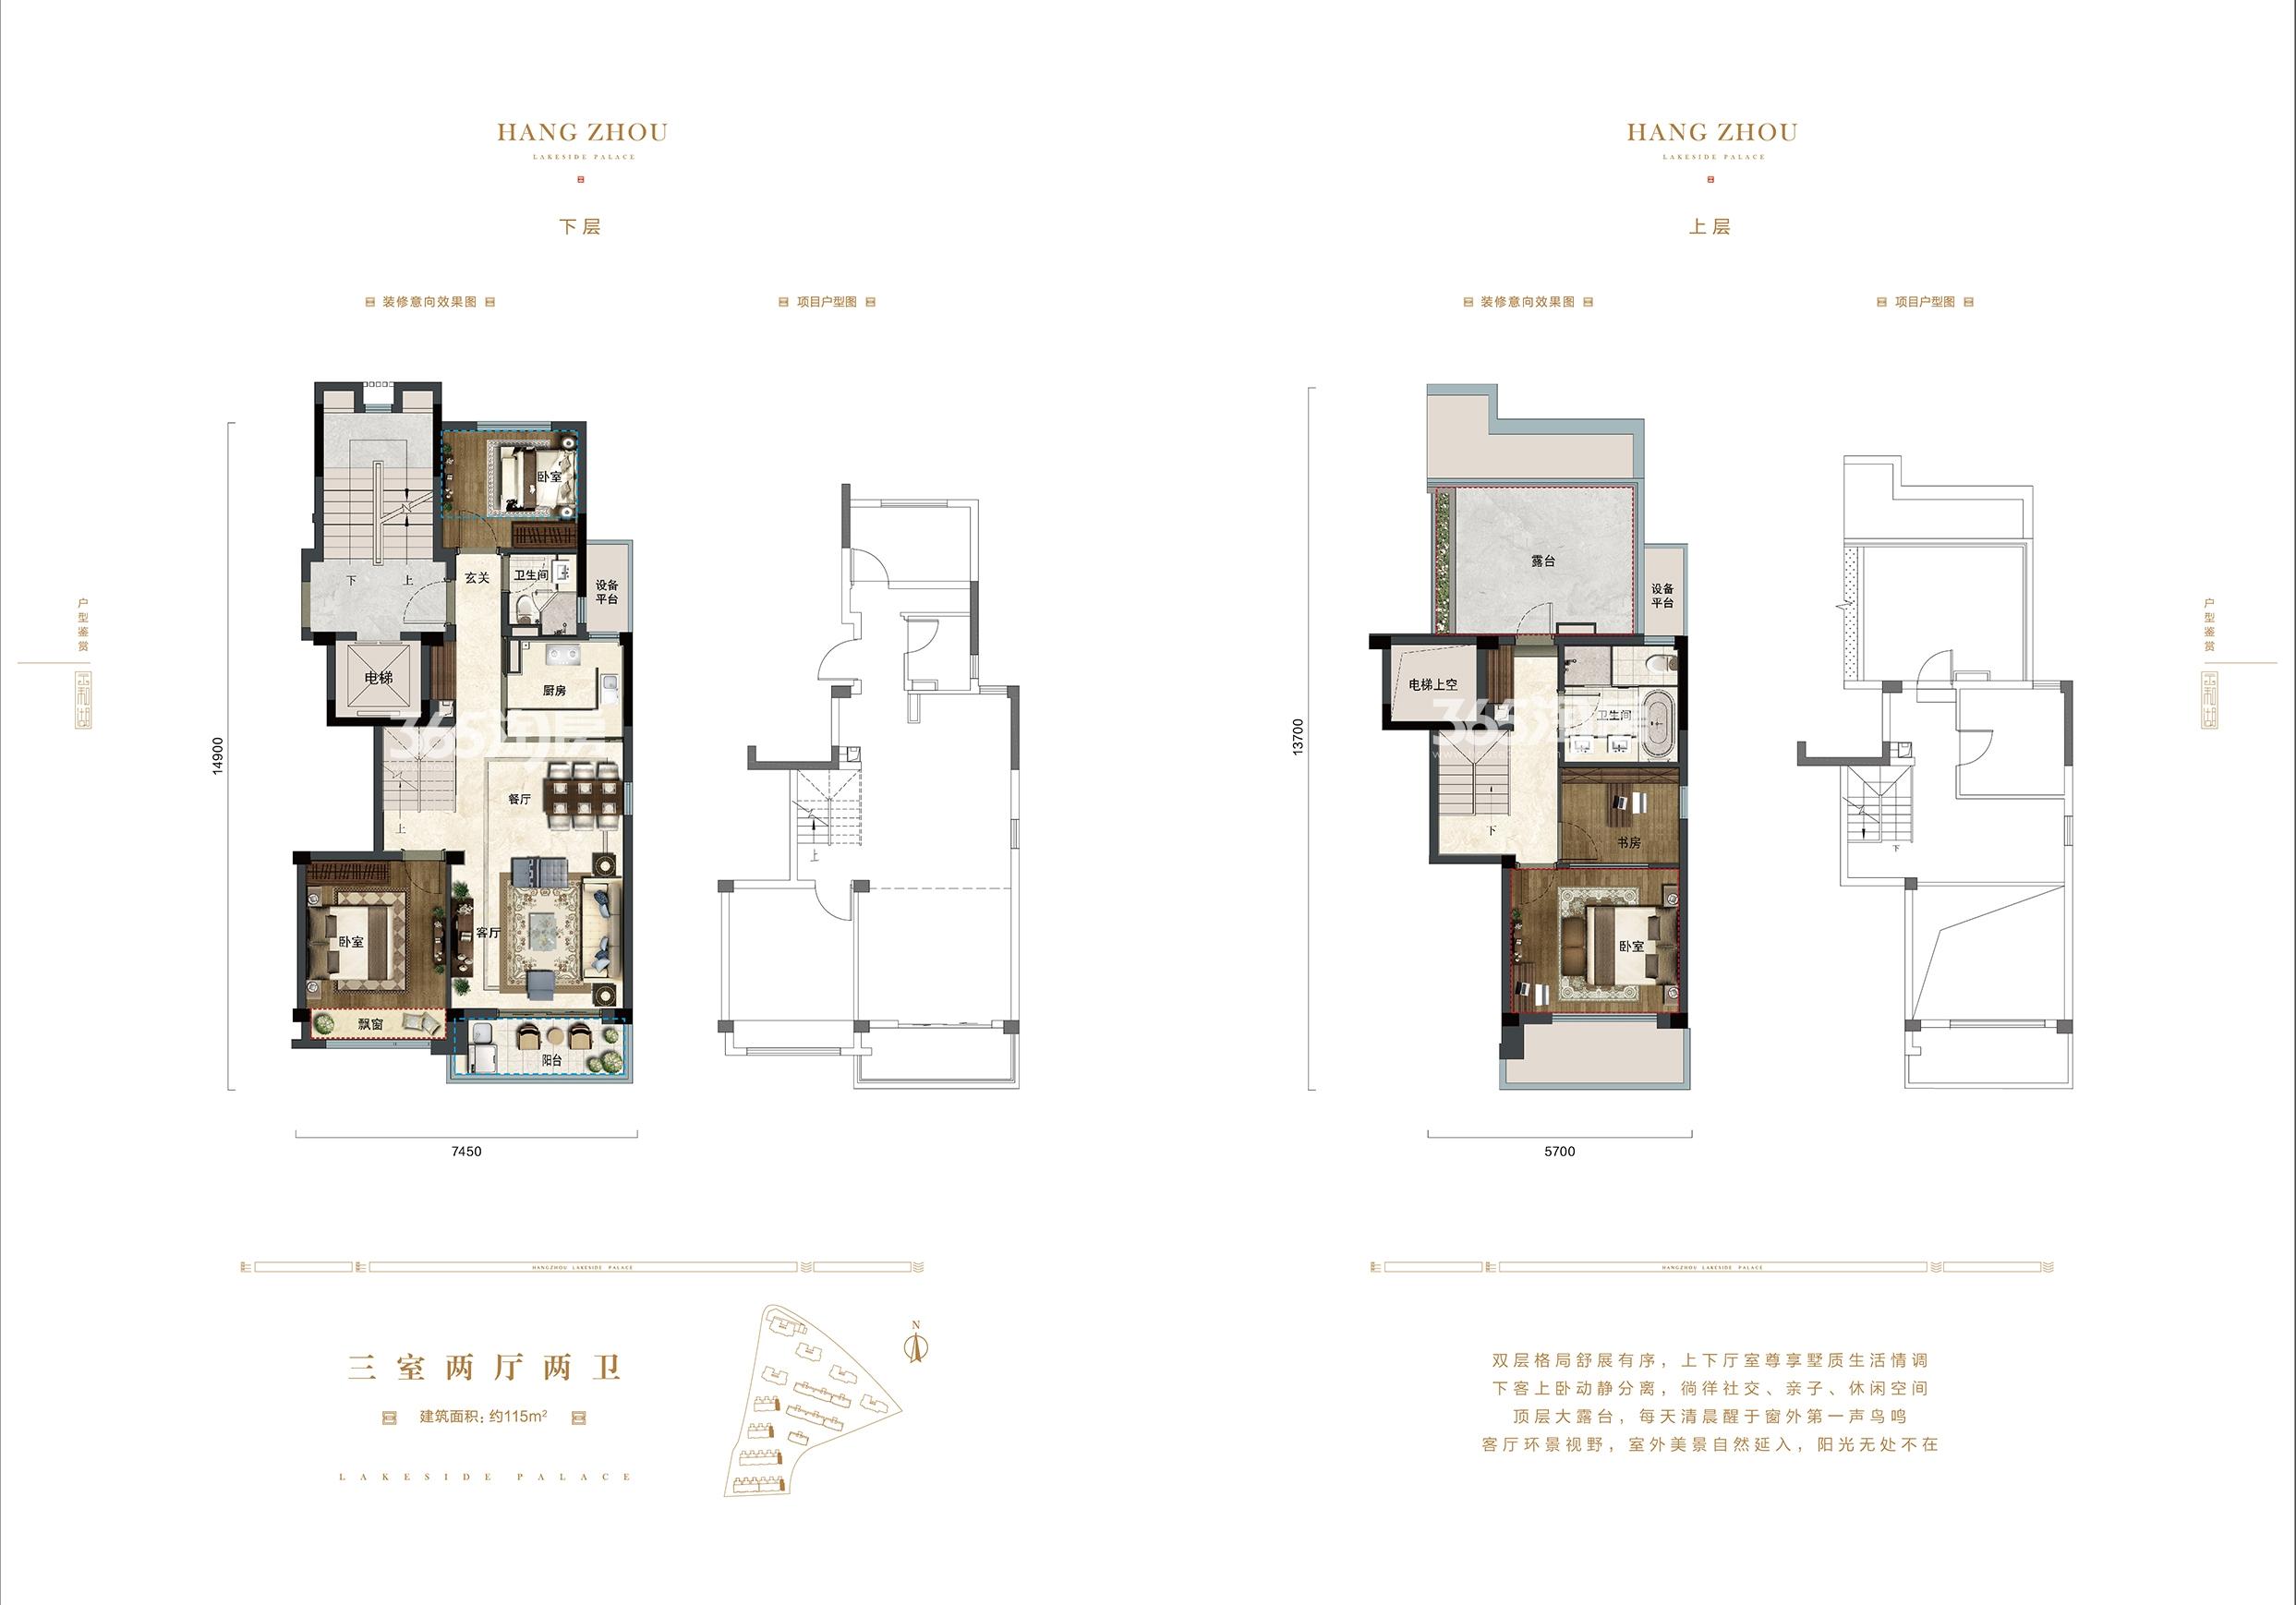 绿都云和湖6-9号楼A5'户型115方户型图(已售)